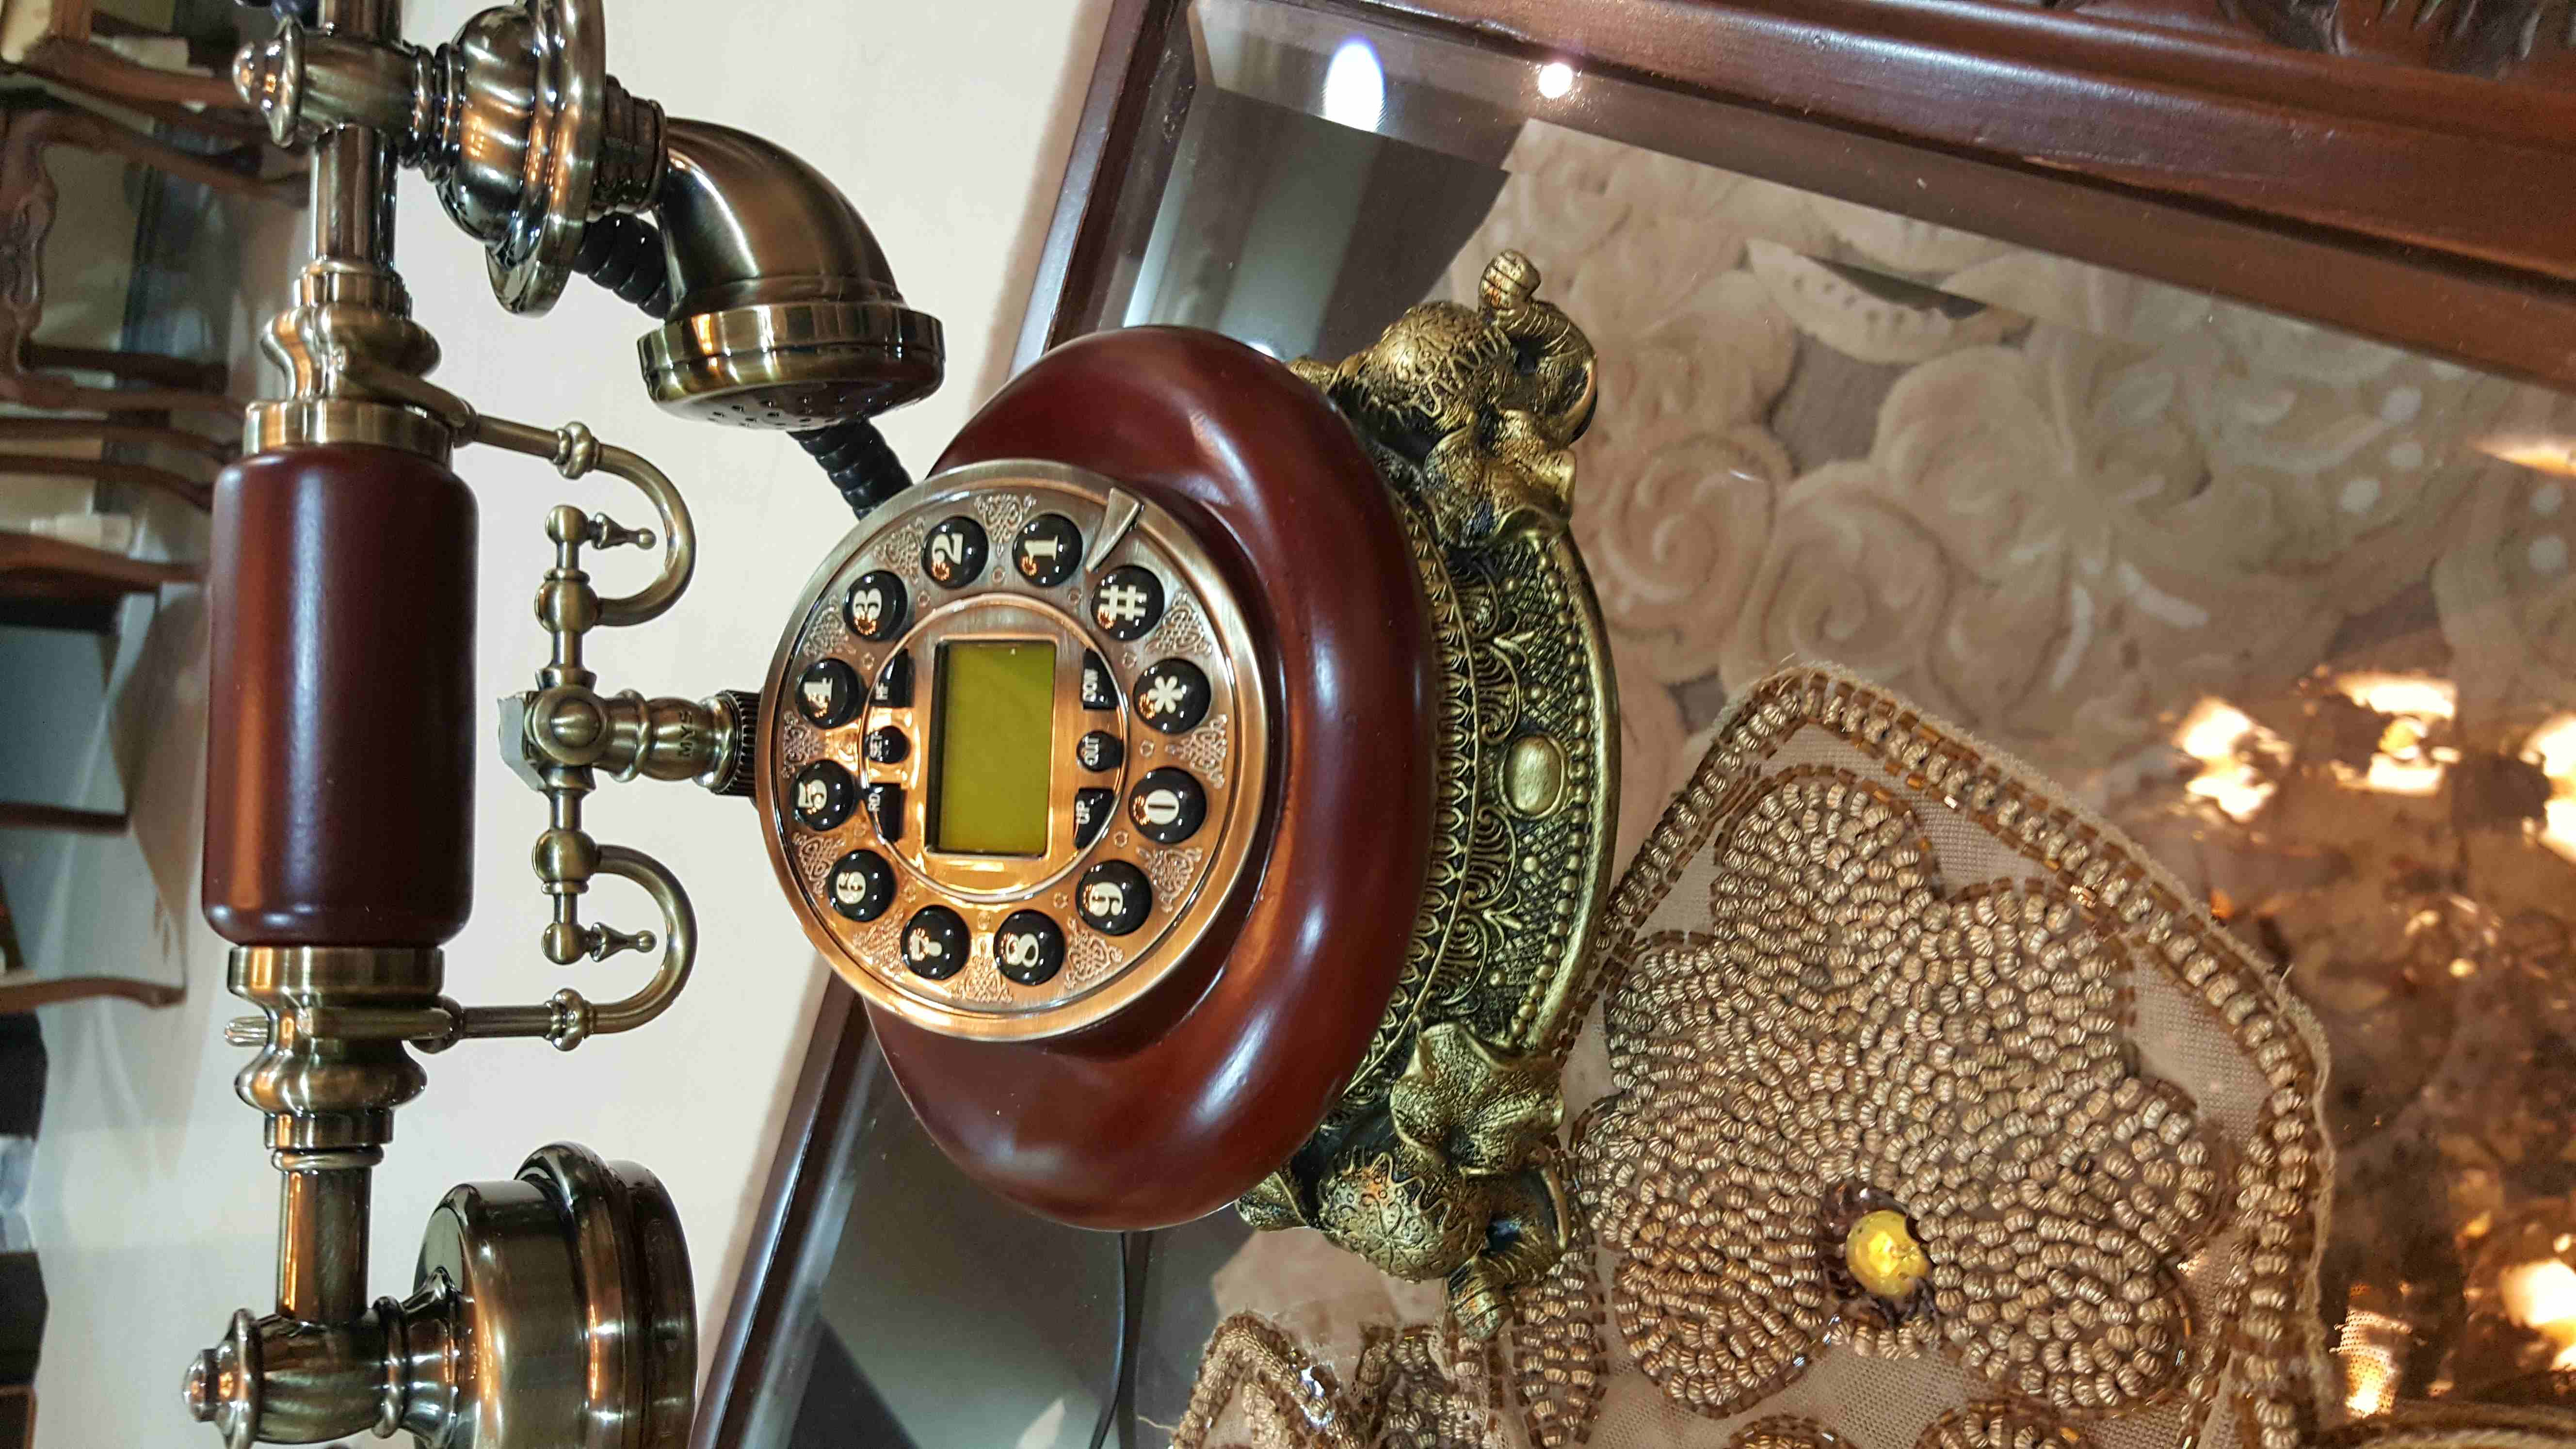 تلفونات  ارضيه باشكال جميله...